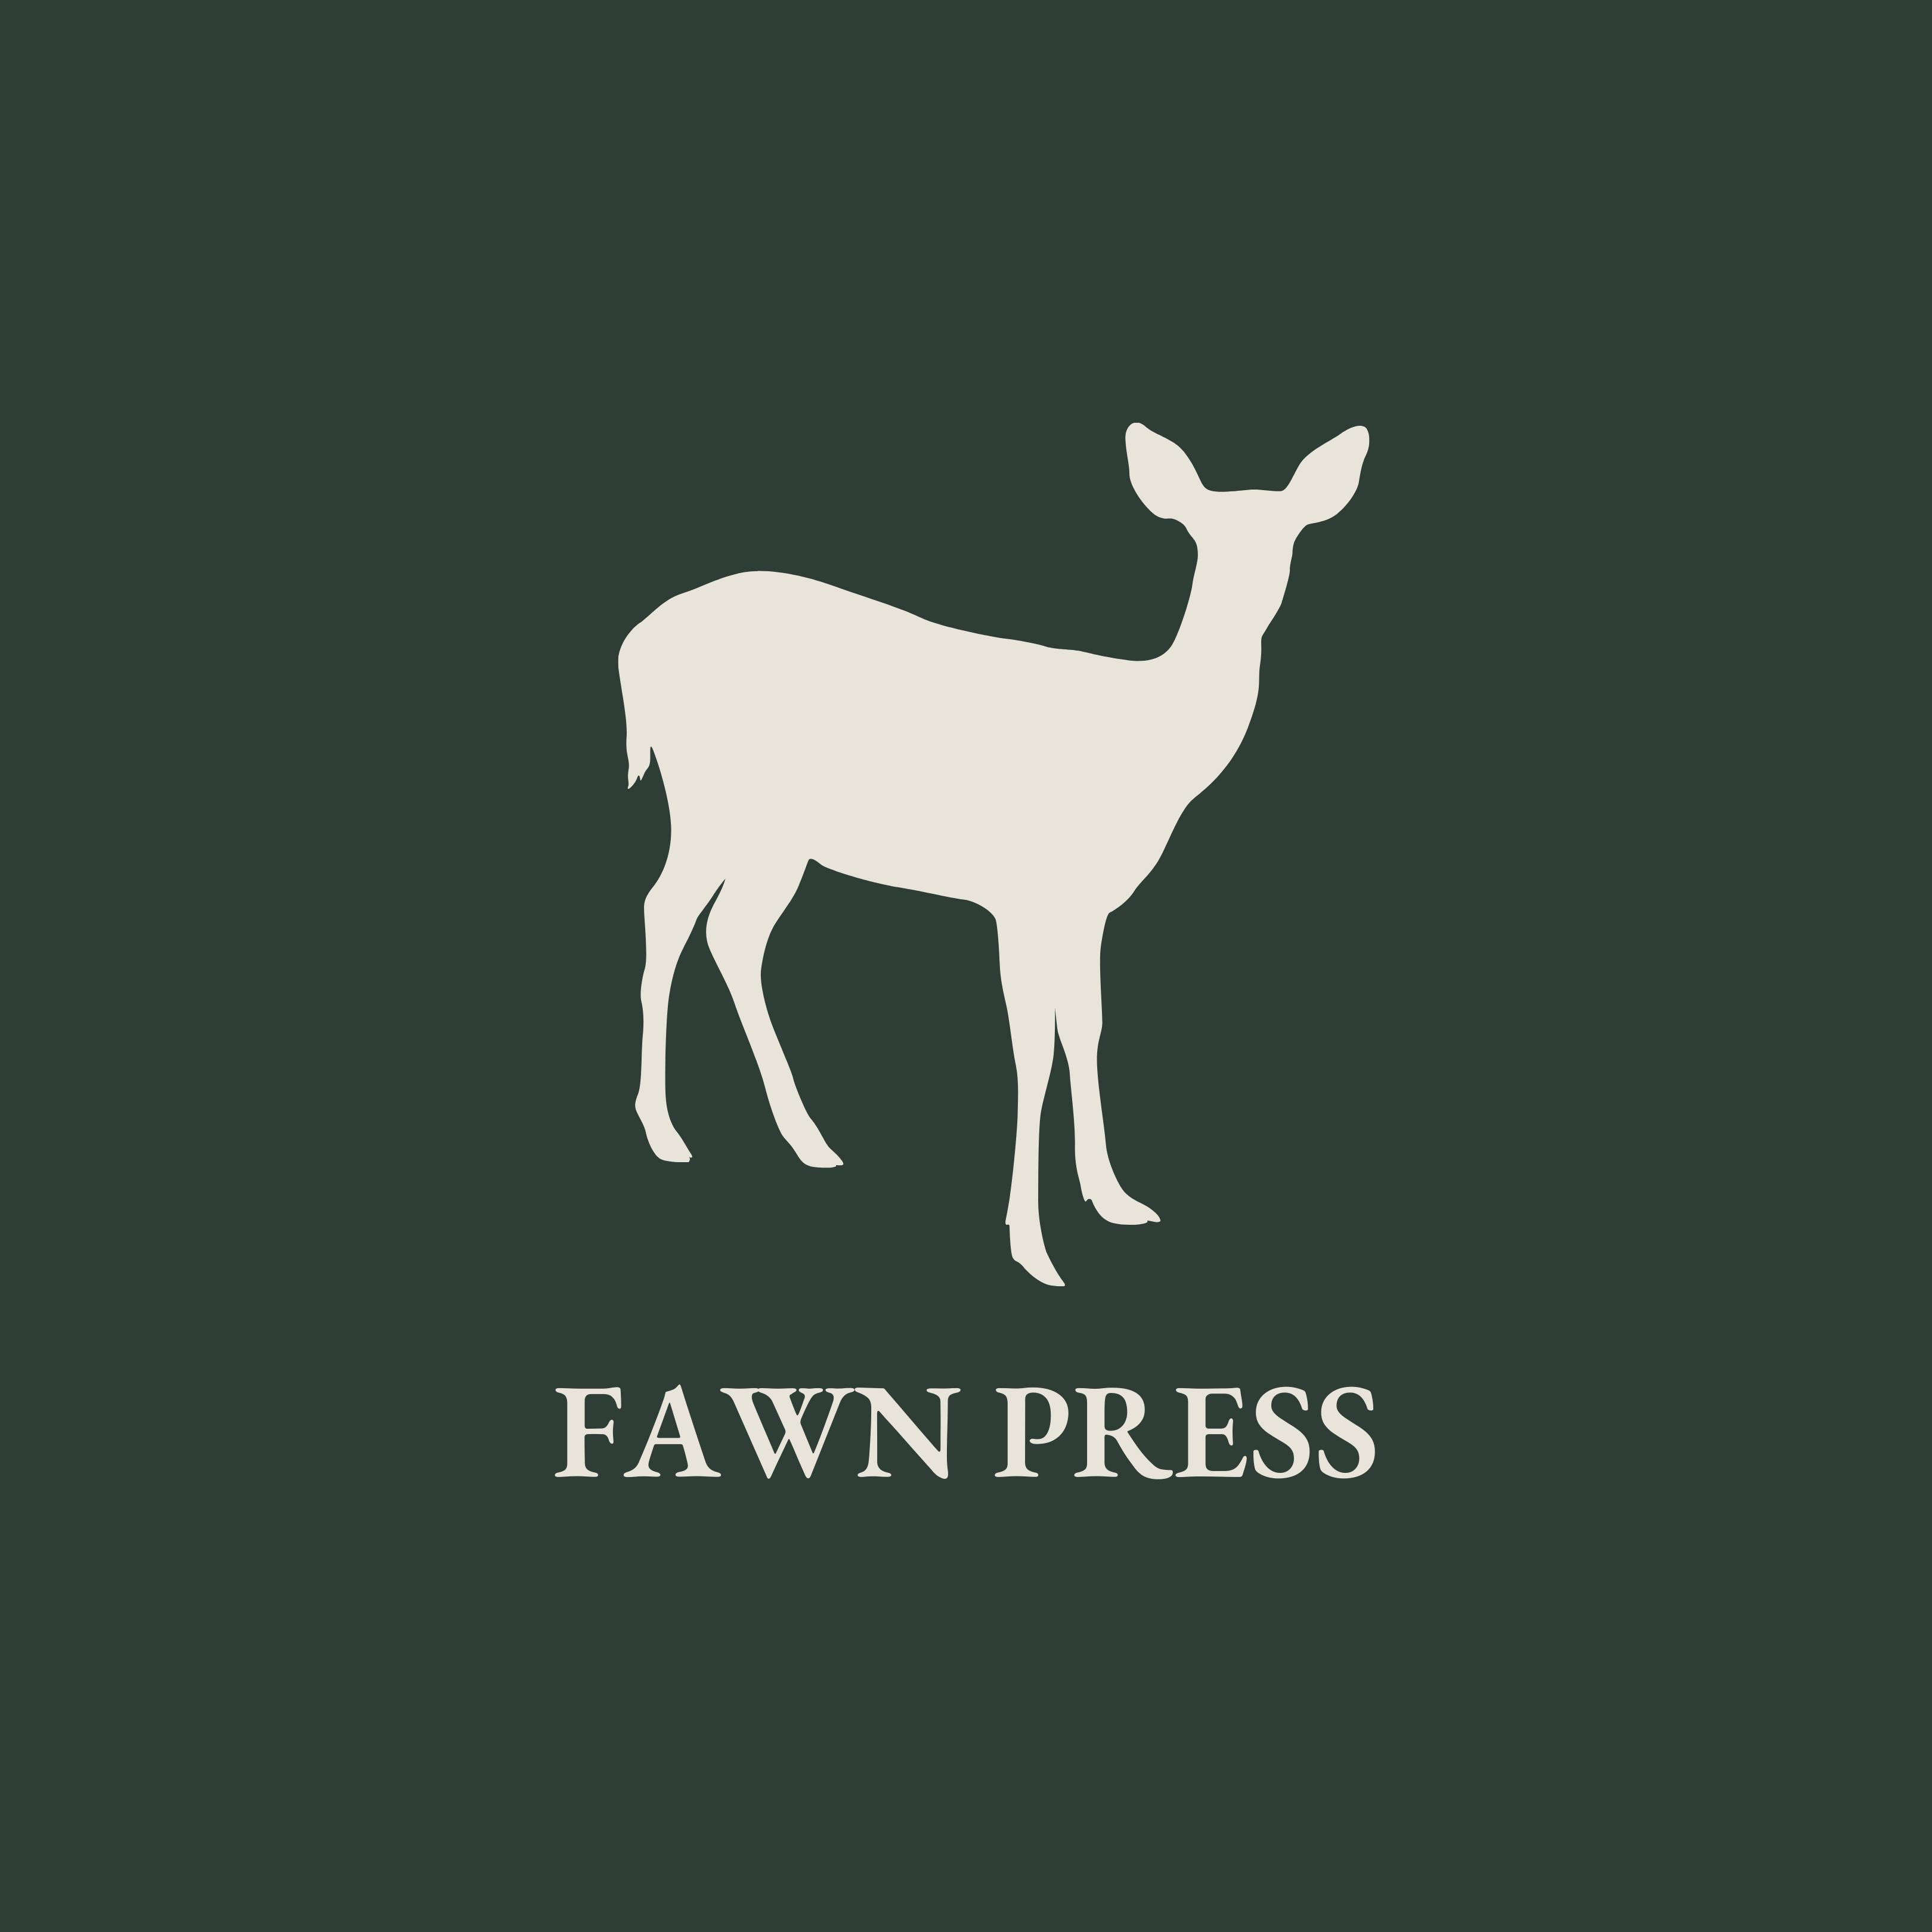 Fawn Press